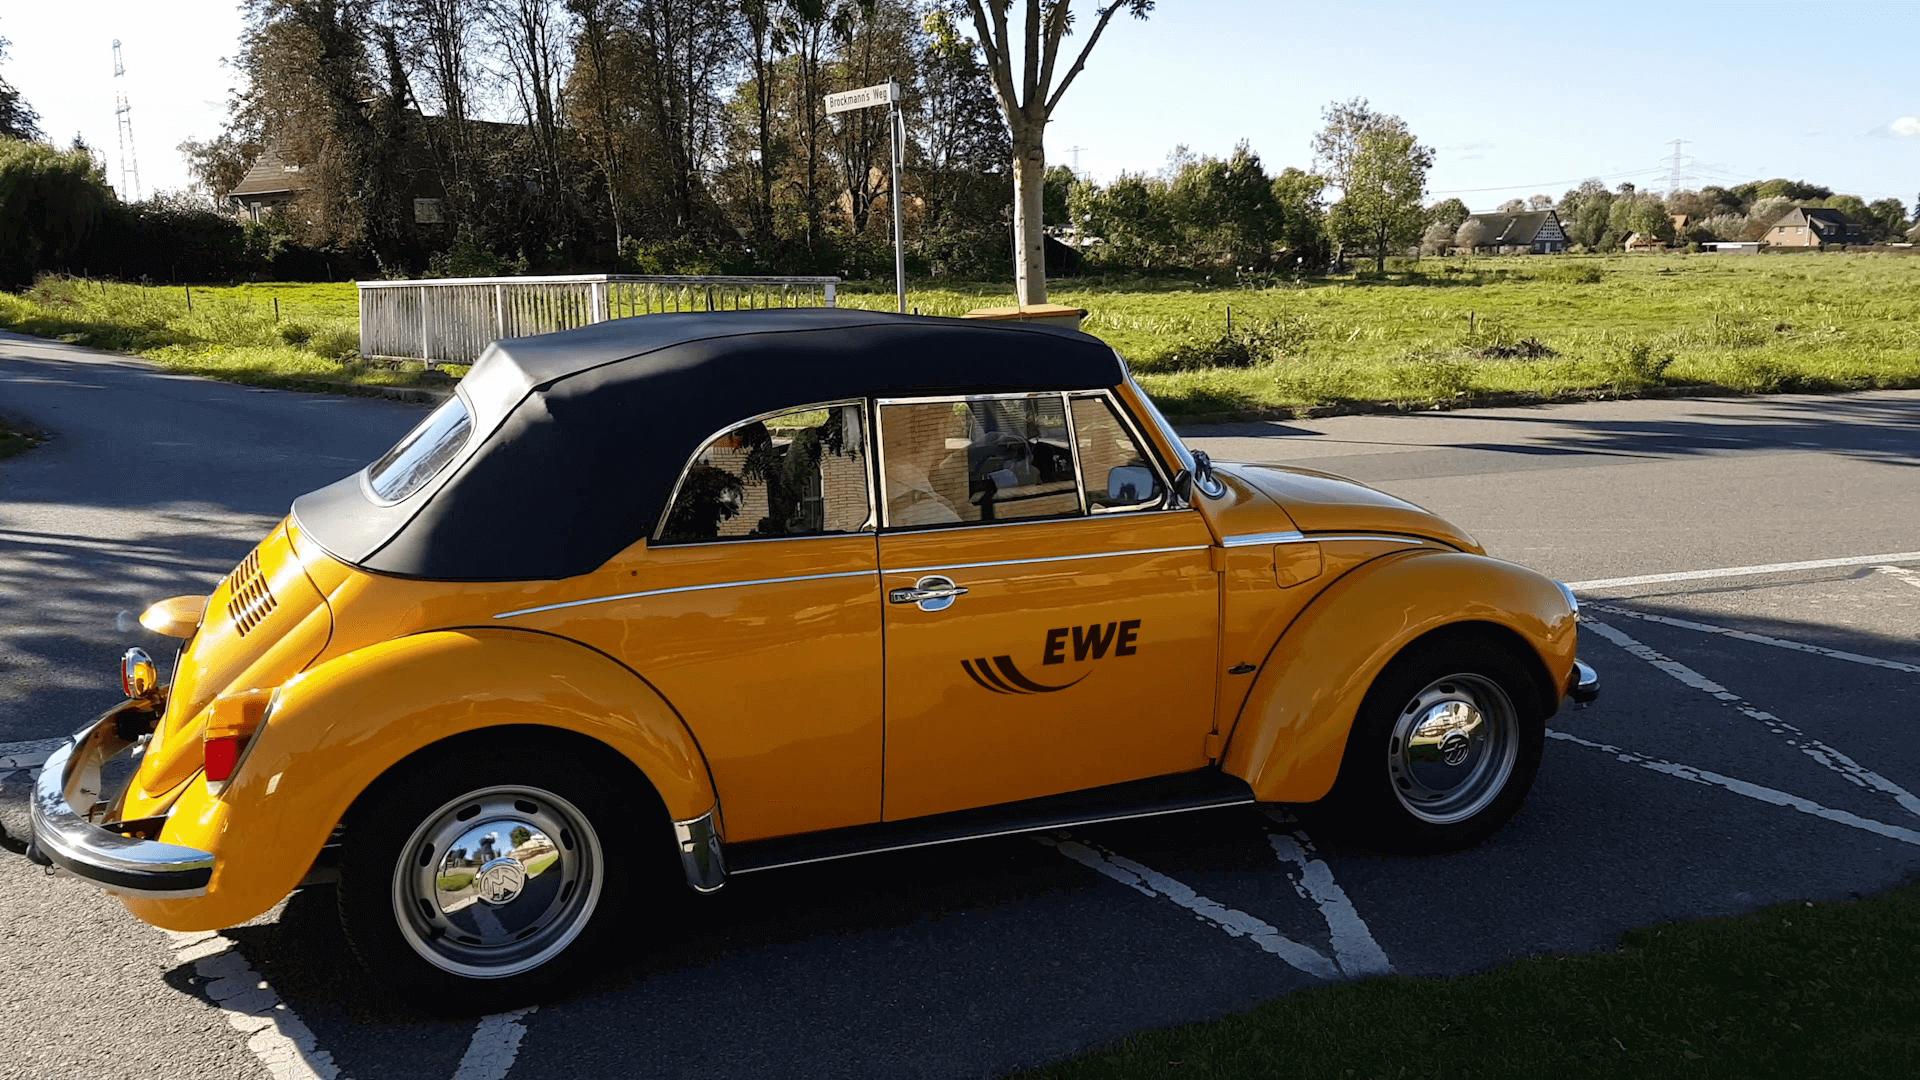 ewe-logo-auf-tuer